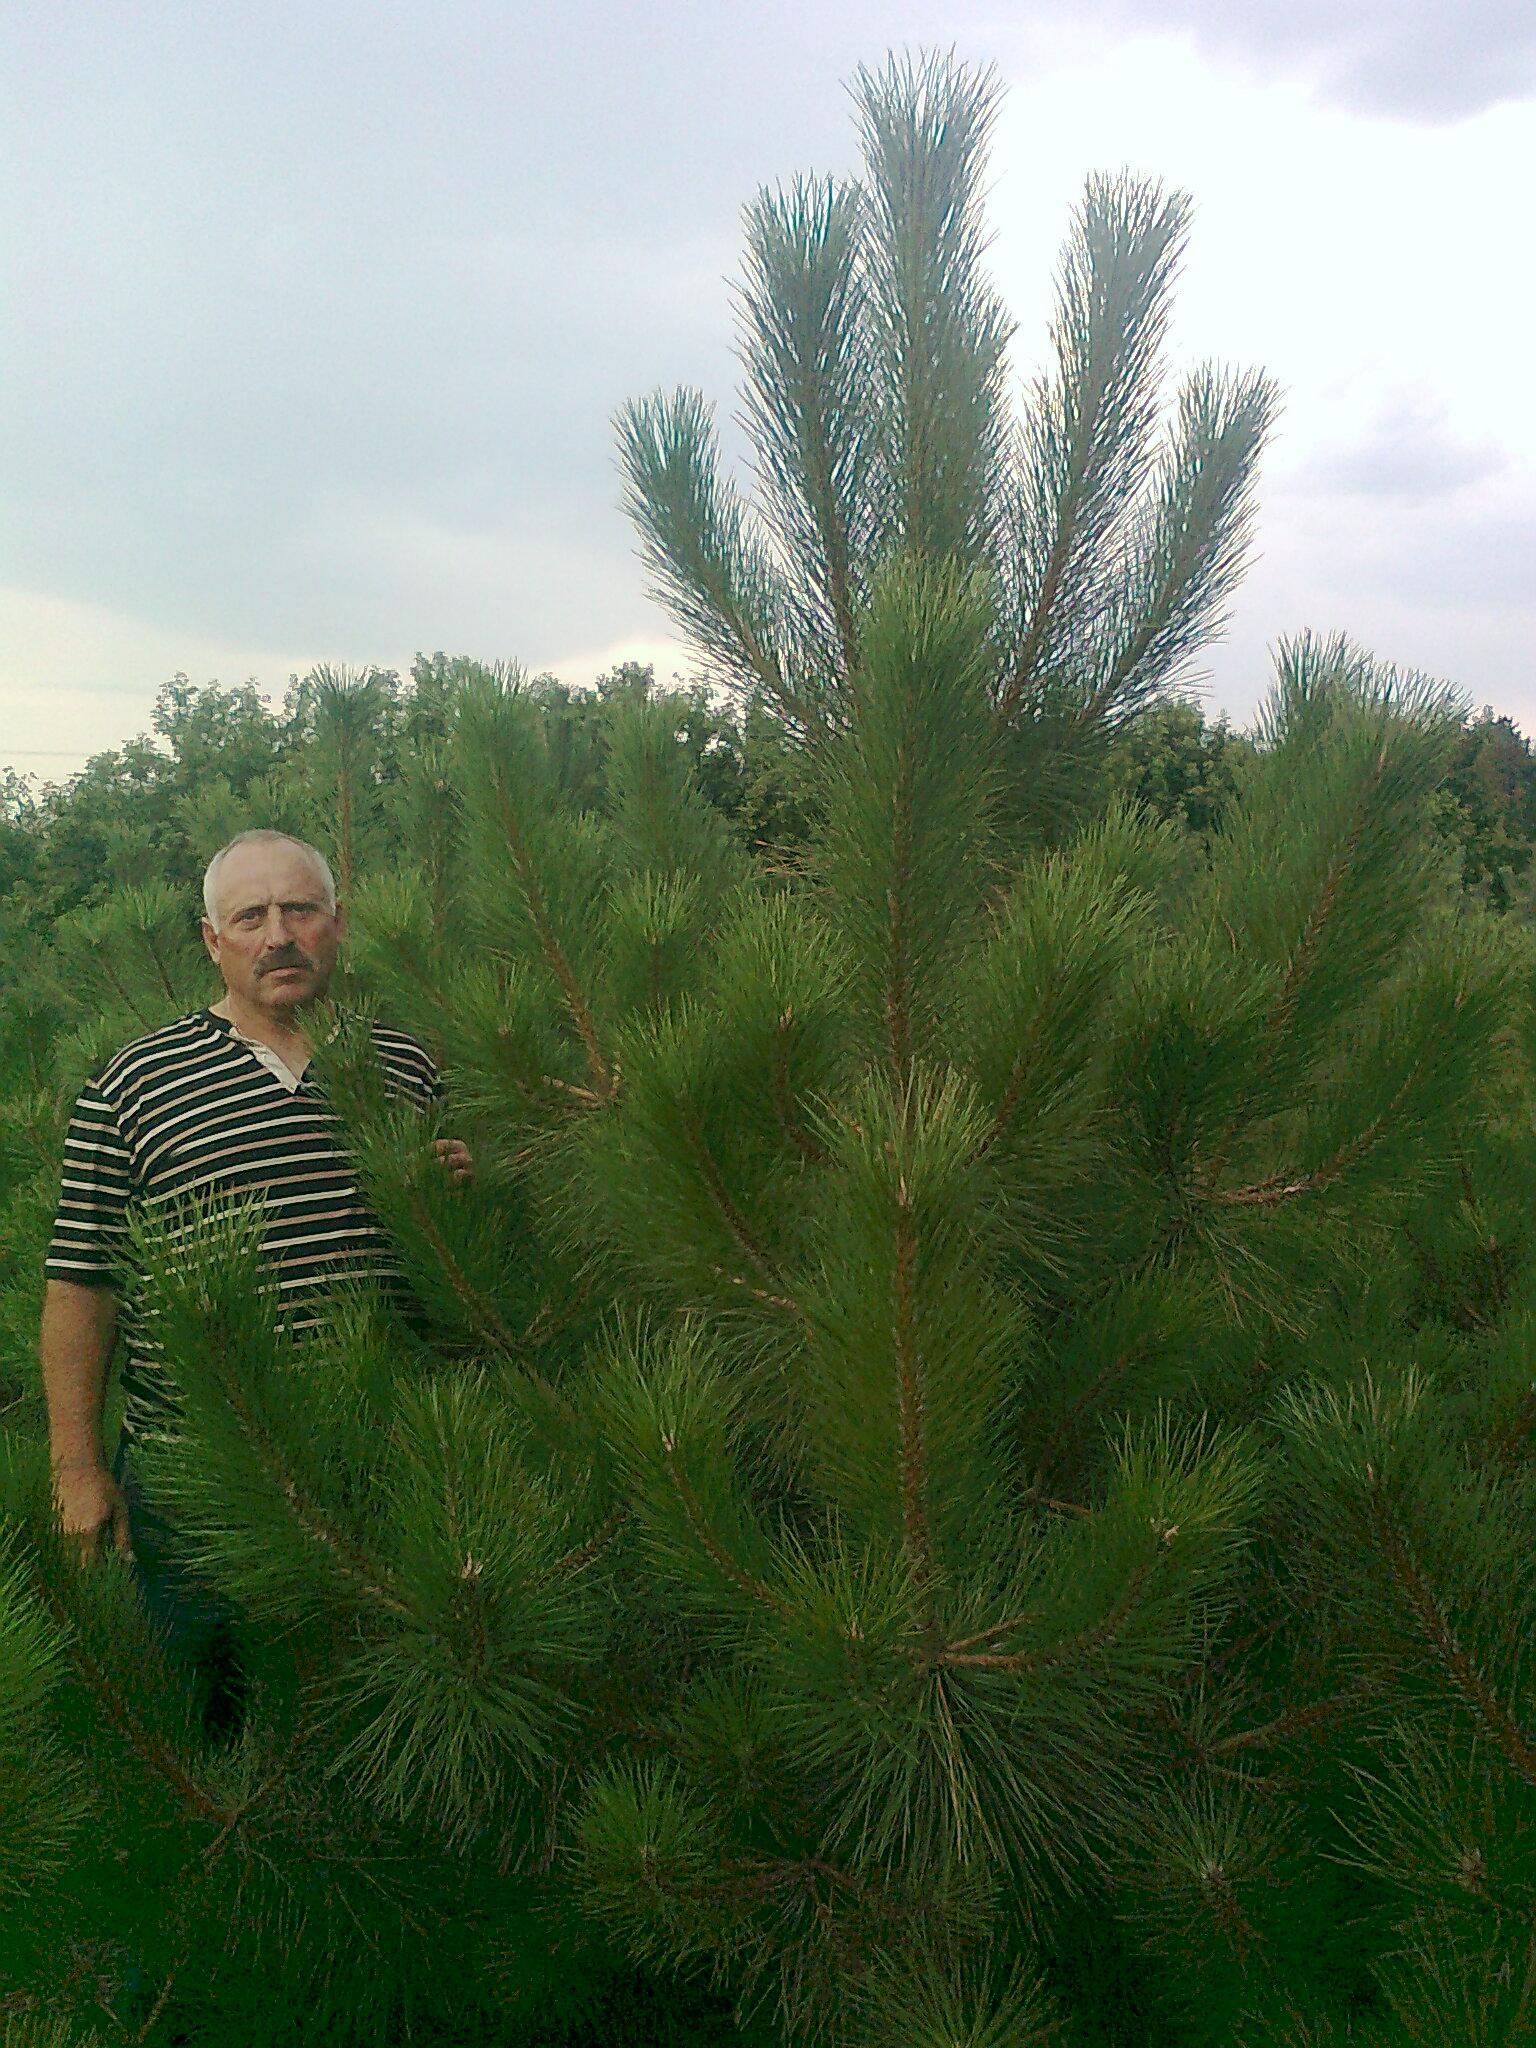 novogodnie_zhivye_sosny_sosna_krymskaya_pitomnik